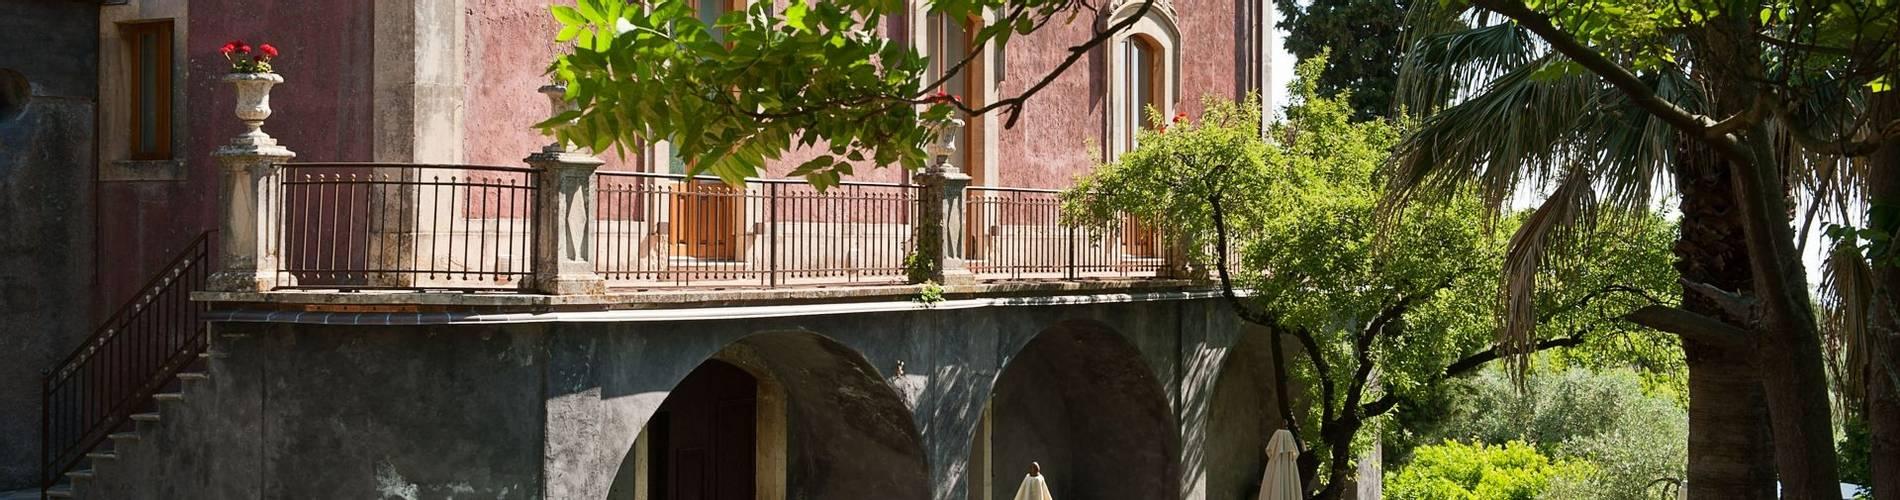 Monaci Delle Terre Nere, Sicily, Italy (8).jpg